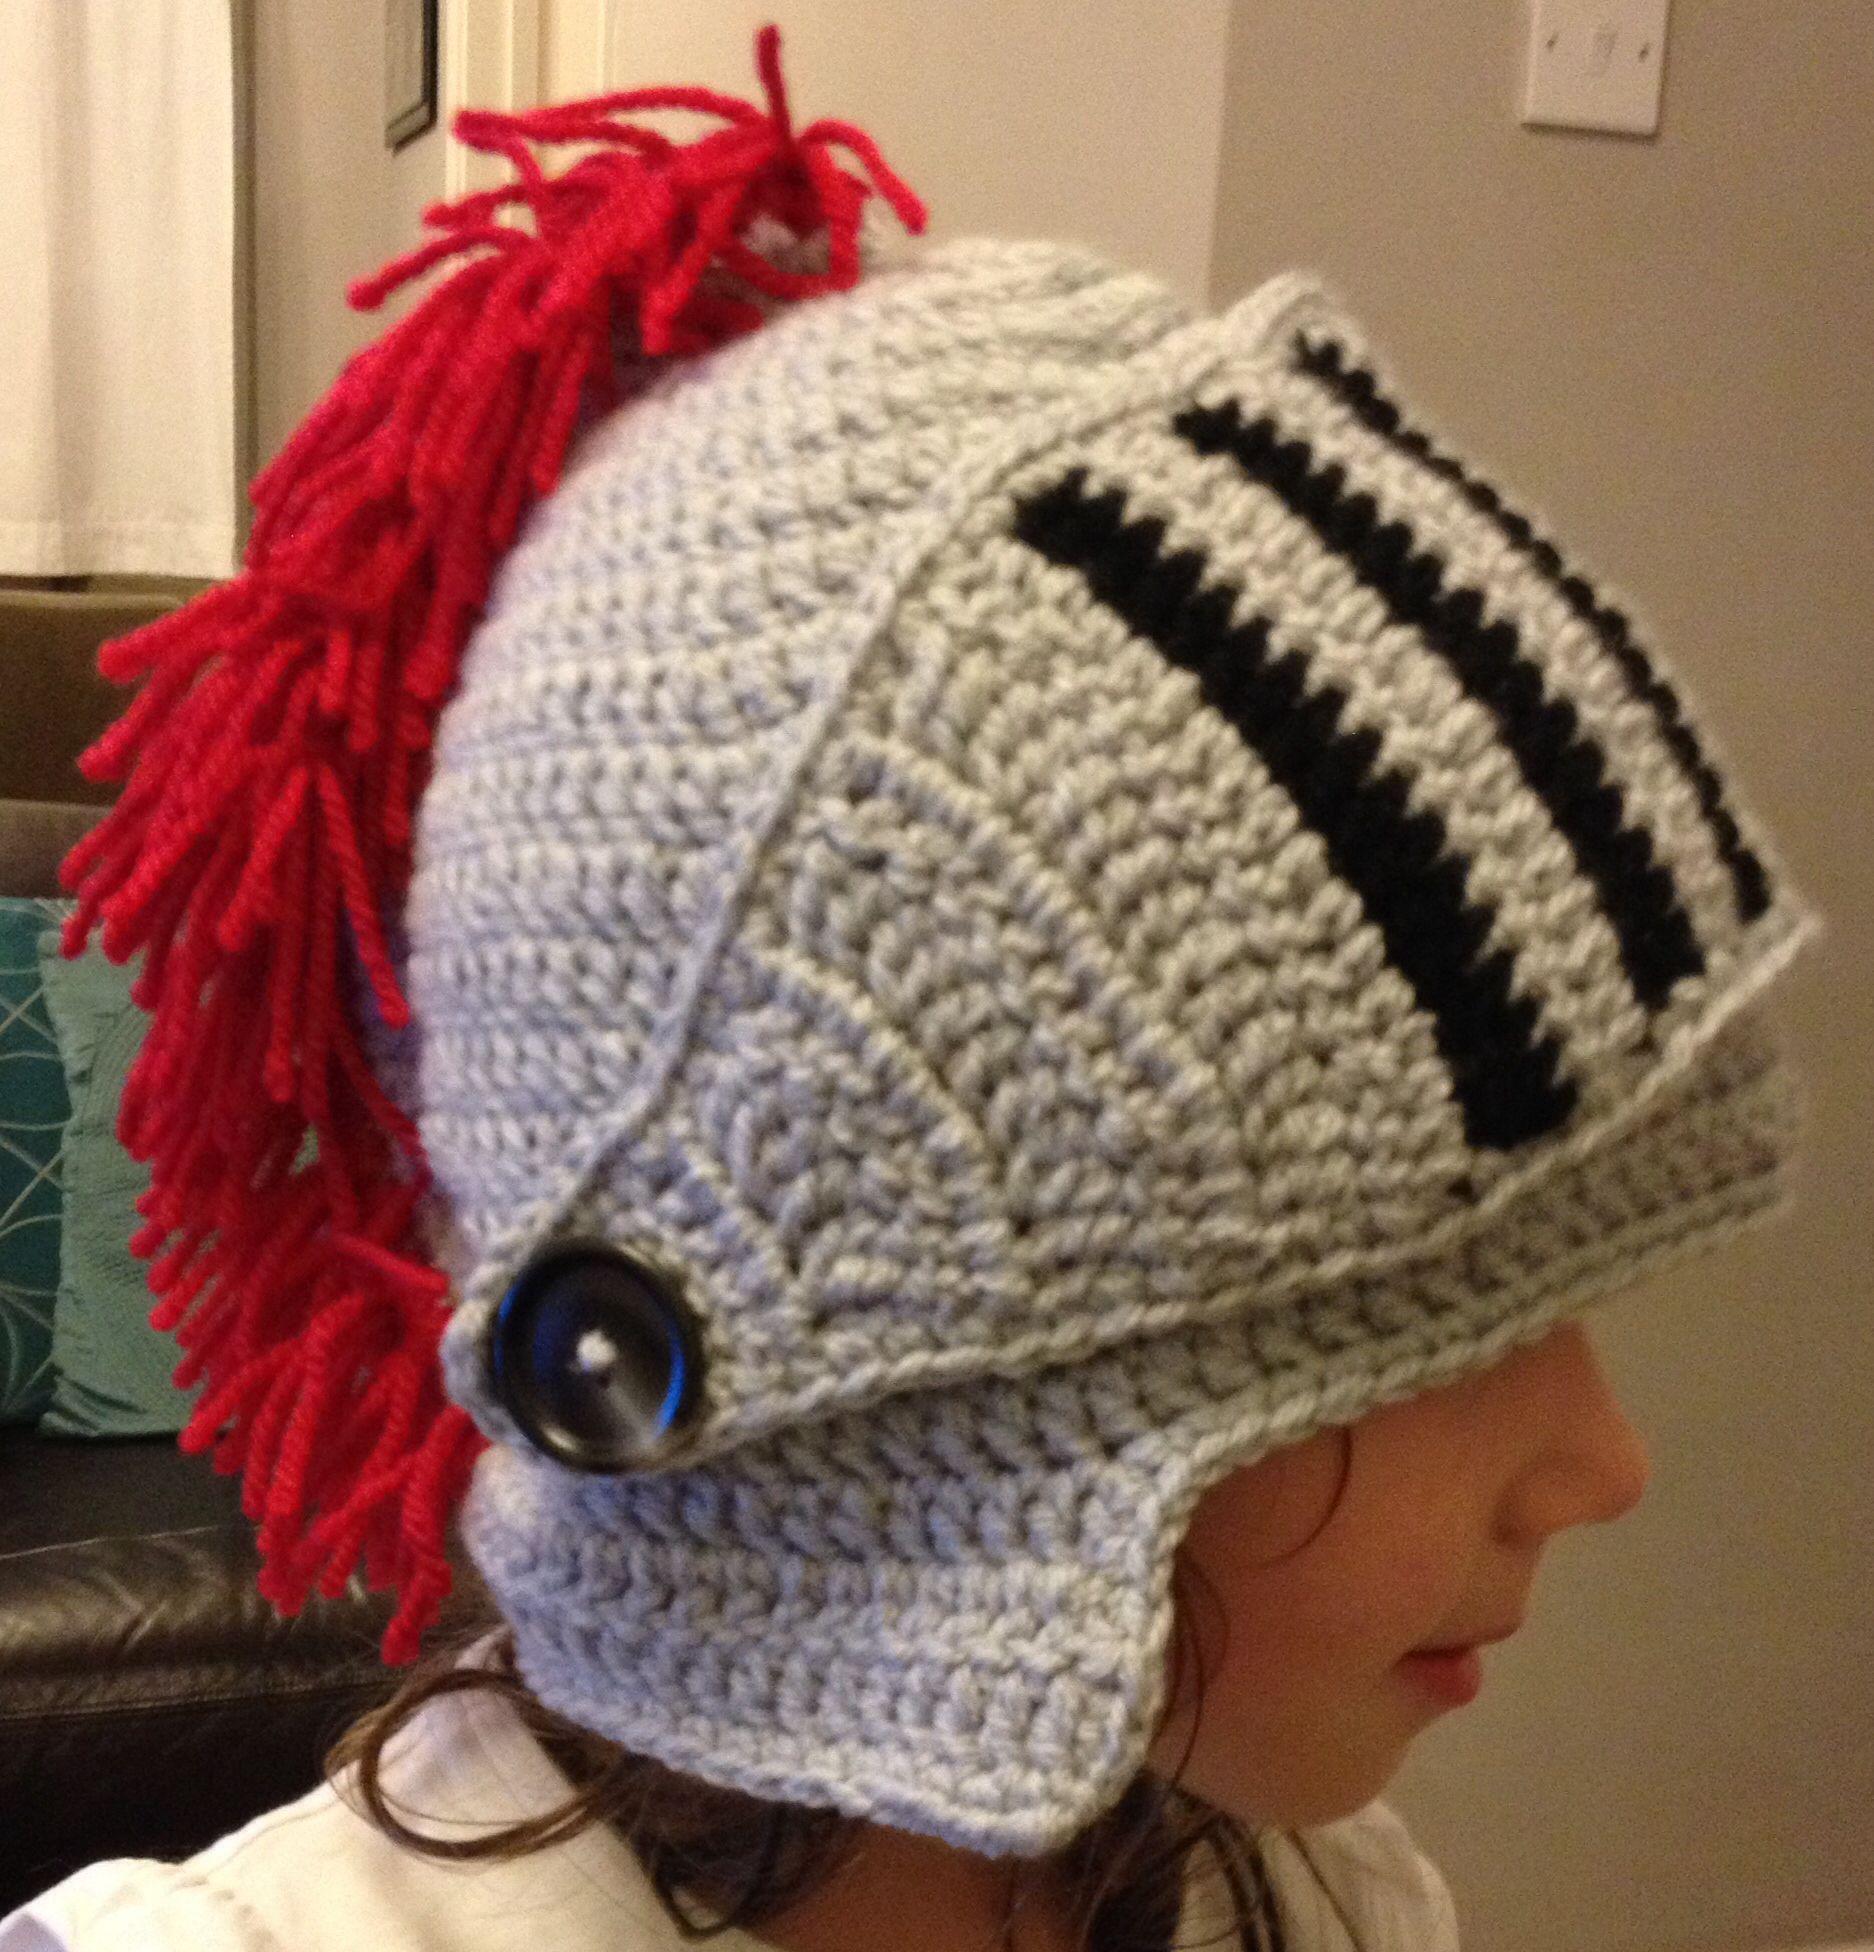 Crochet knight helmet hat, fabulous pattern on ravelry :-) | Cool ...